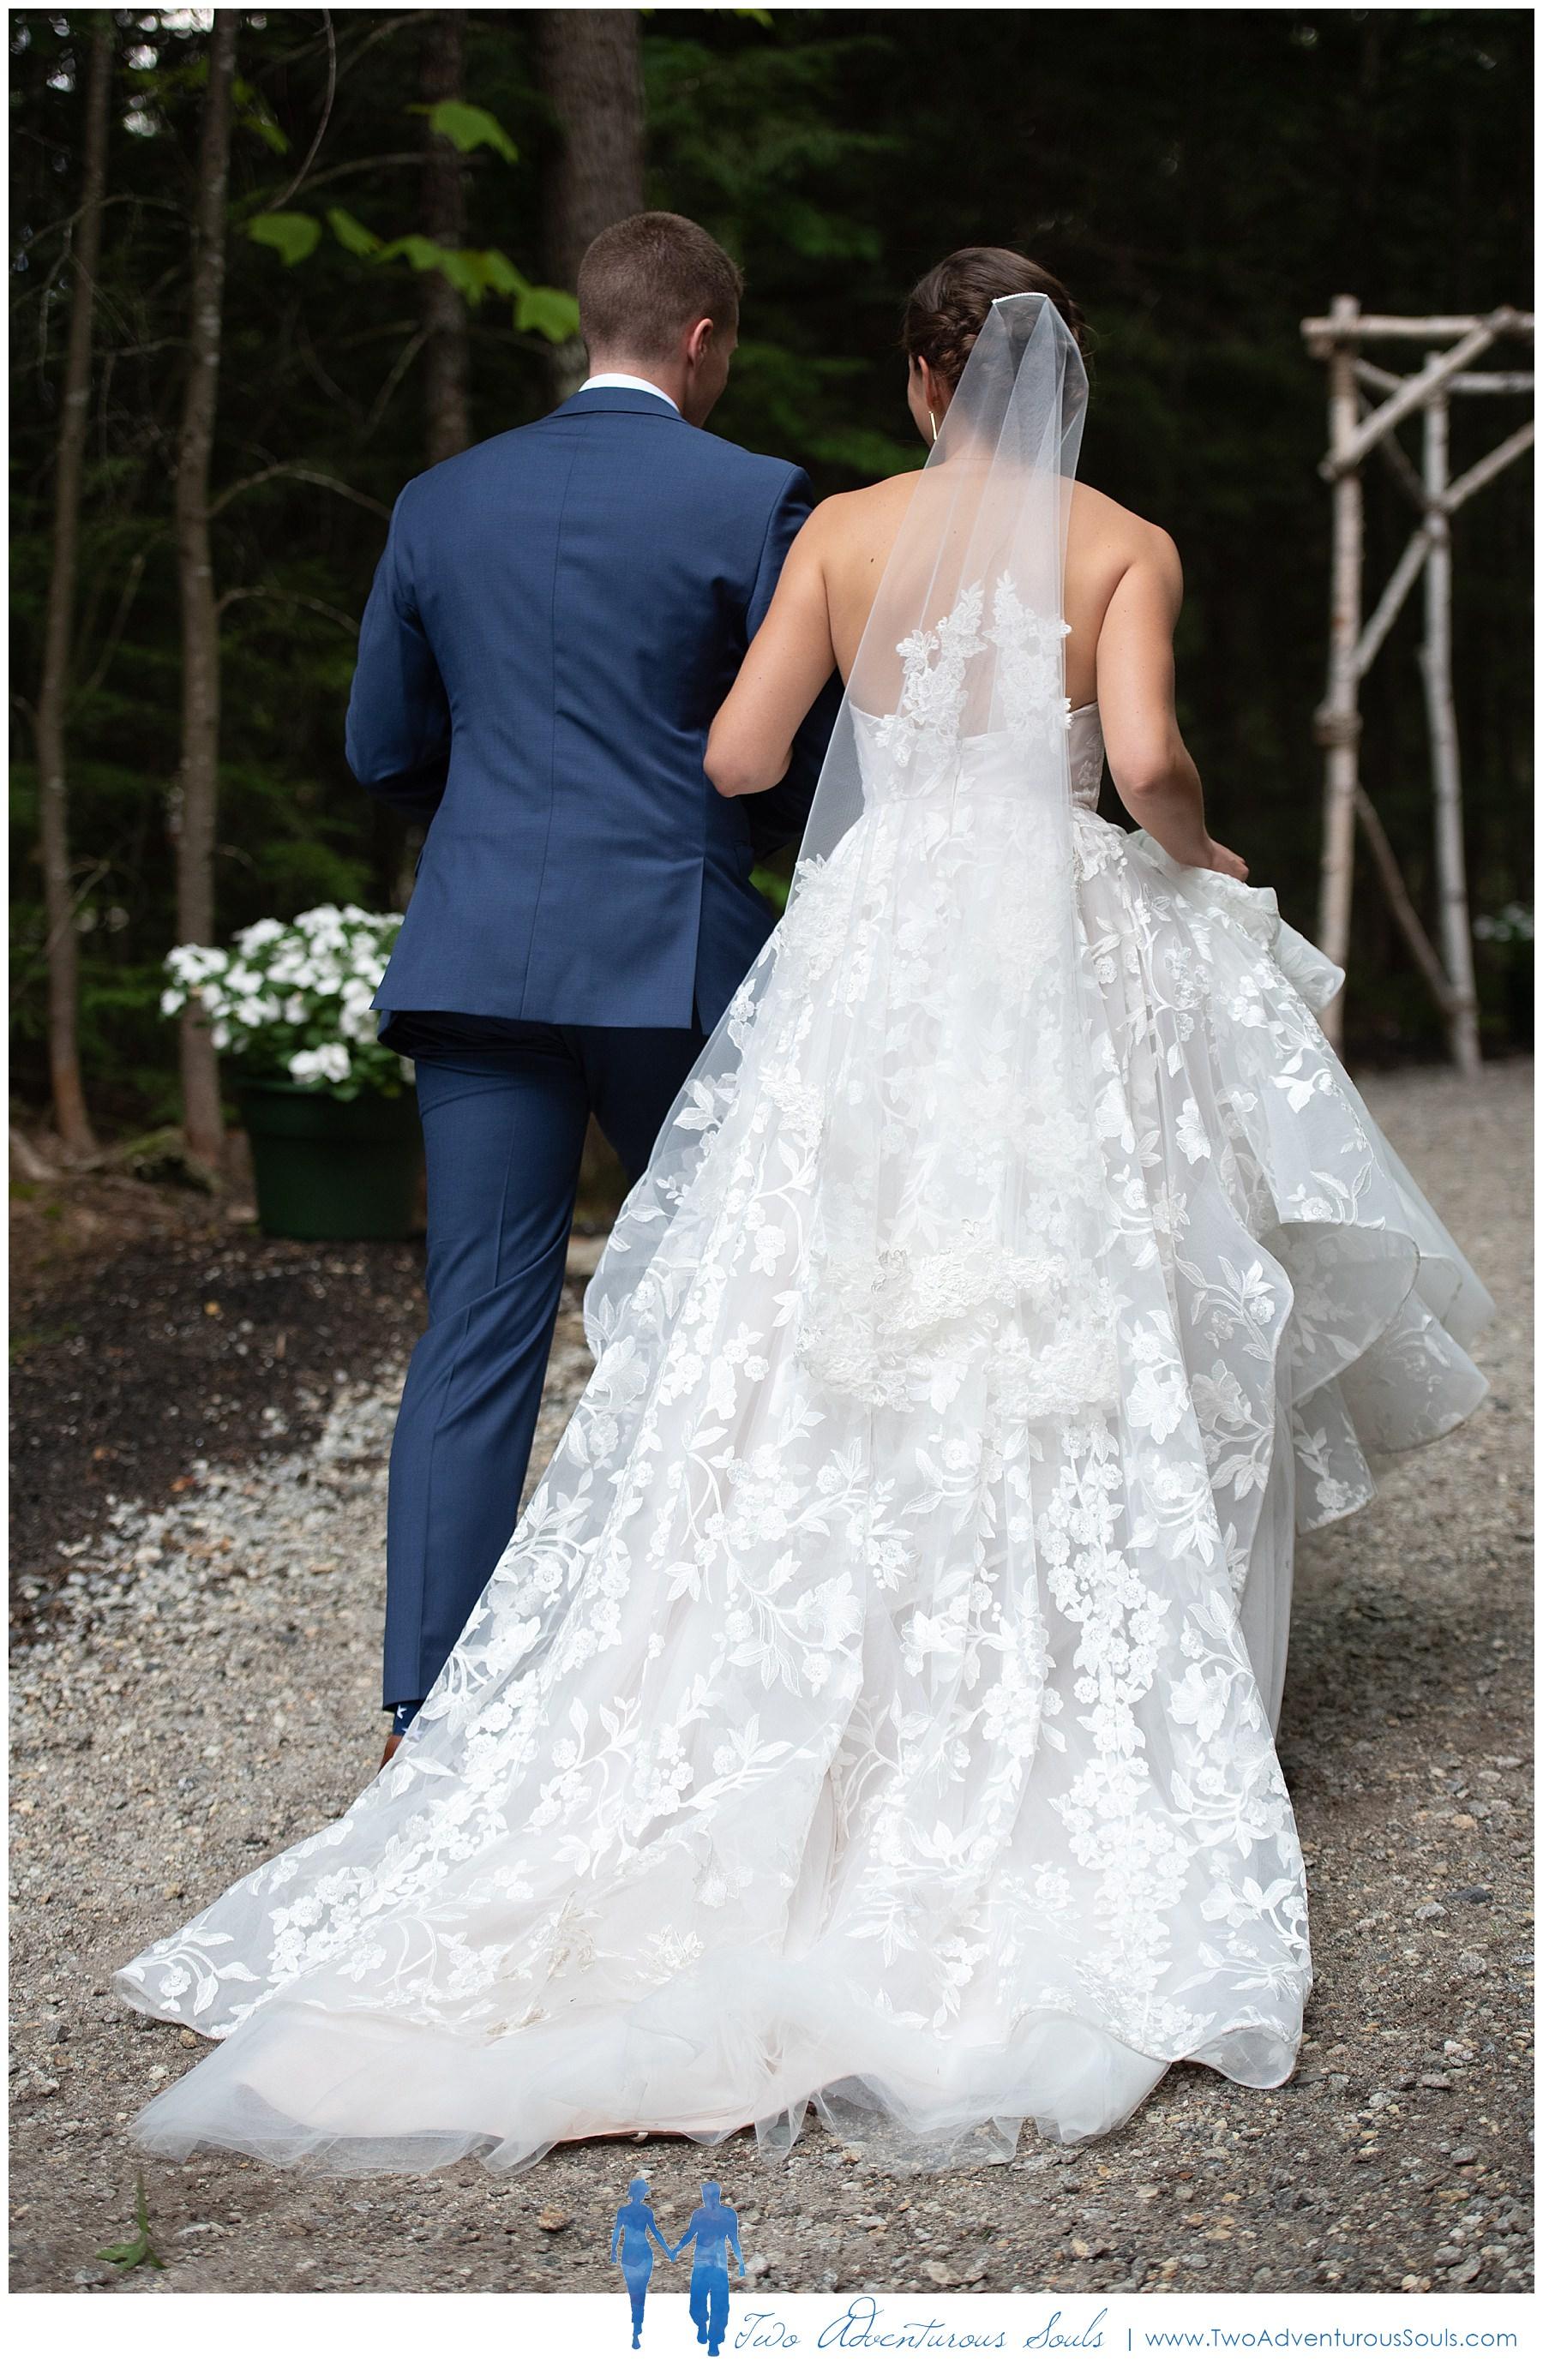 Maine Wedding Photographers, Granite Ridge Estate Wedding Photographers, Two Adventurous Souls - 080319_0045.jpg